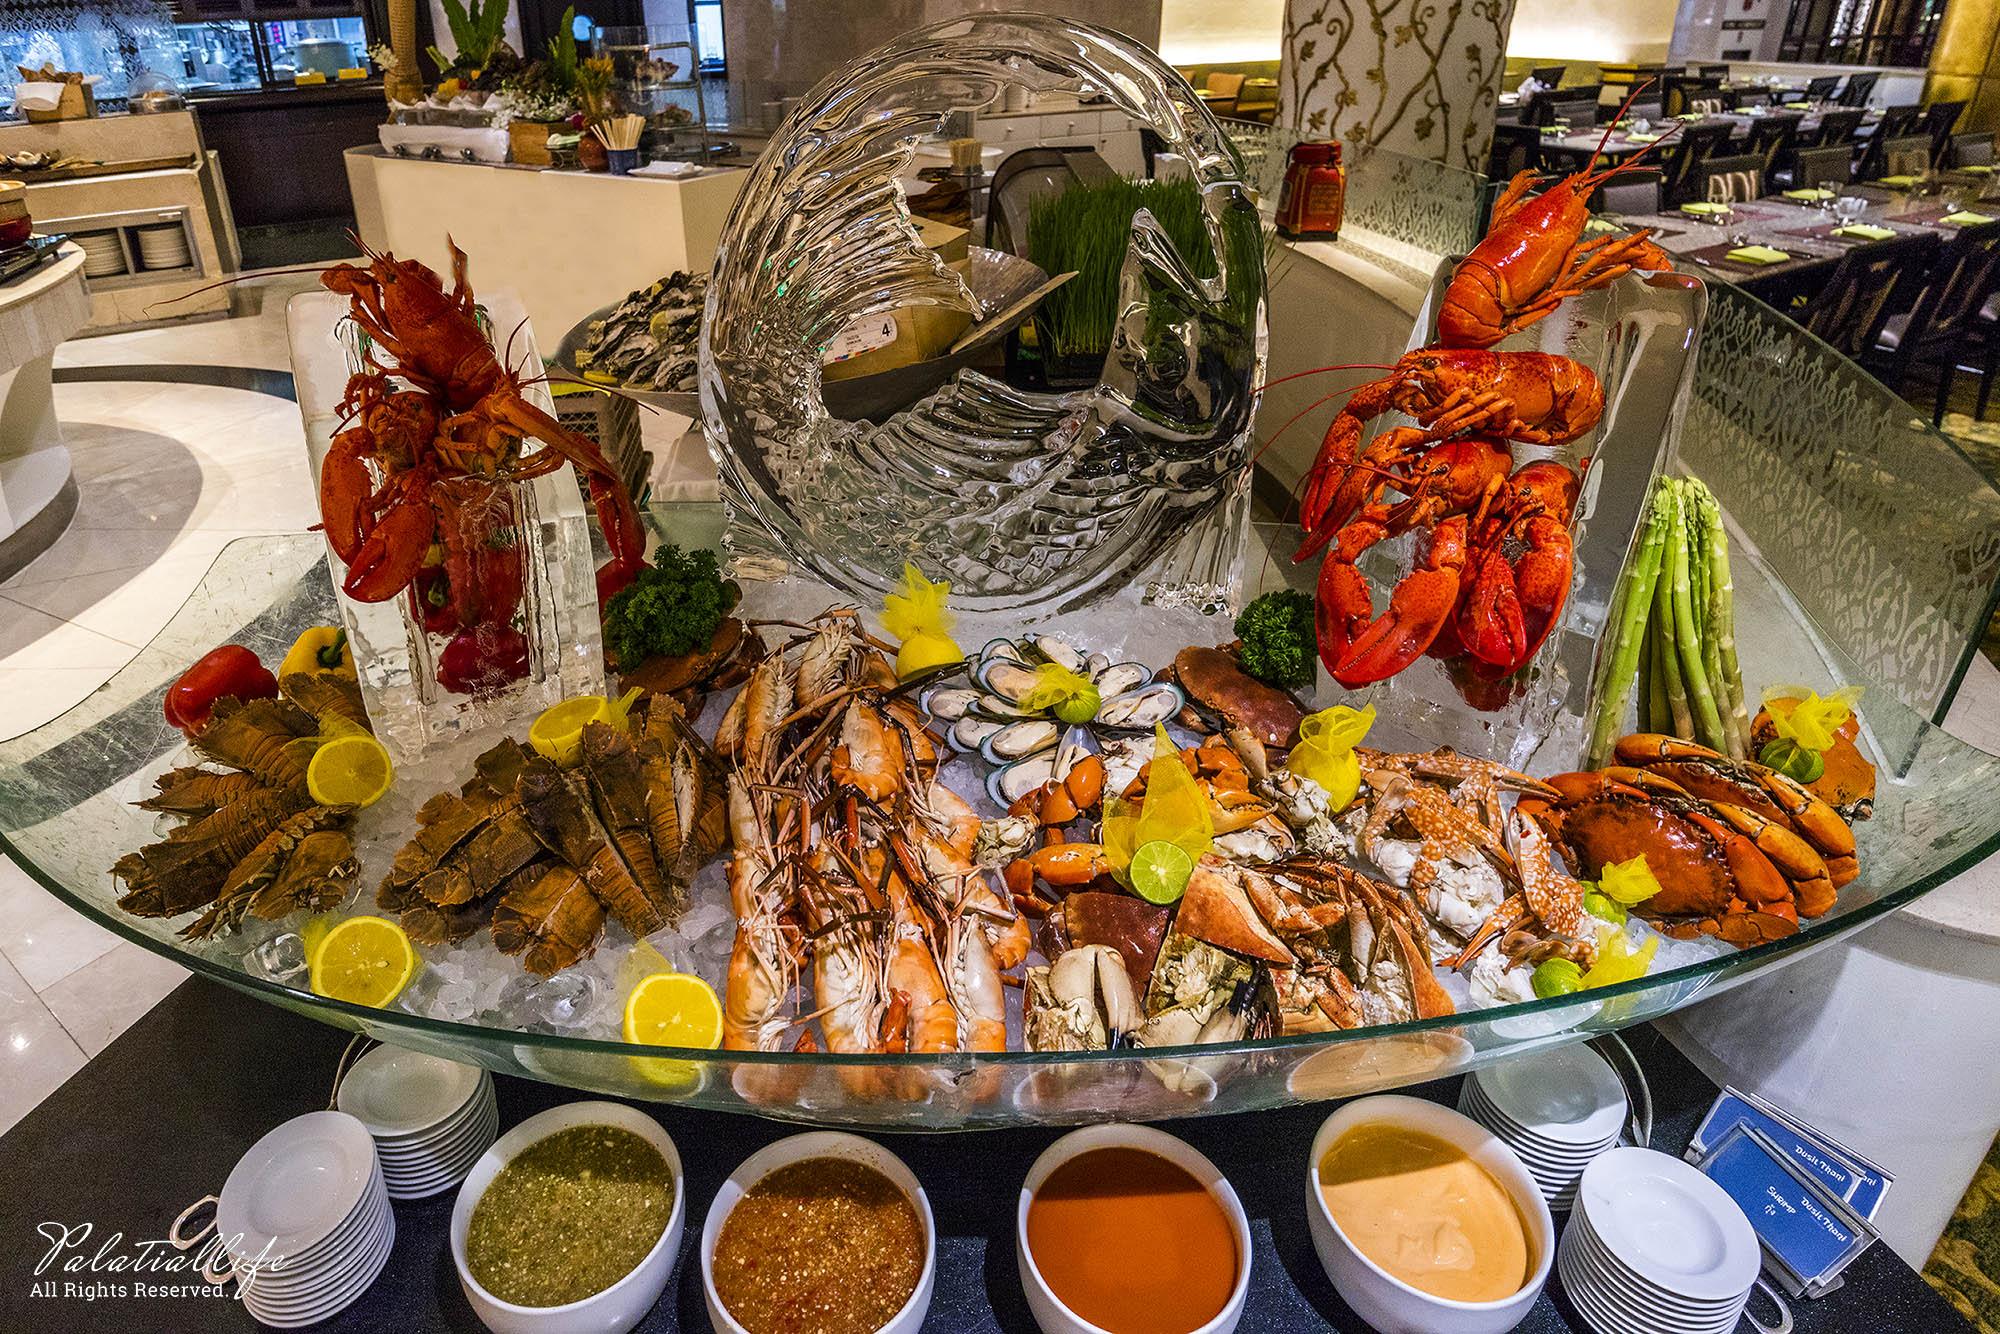 ห้องอาหาร The Pavilion โรงแรมดุสิตธานี กรุงเทพ  ห้องอาหาร The Pavilion โรงแรมดุสิตธานี กรุงเทพ ฯ บุฟเฟ่ต์ซีฟู้ดส์ ค่ำวันศุกร์-เสาร์ สุดอลัง IMG 0015